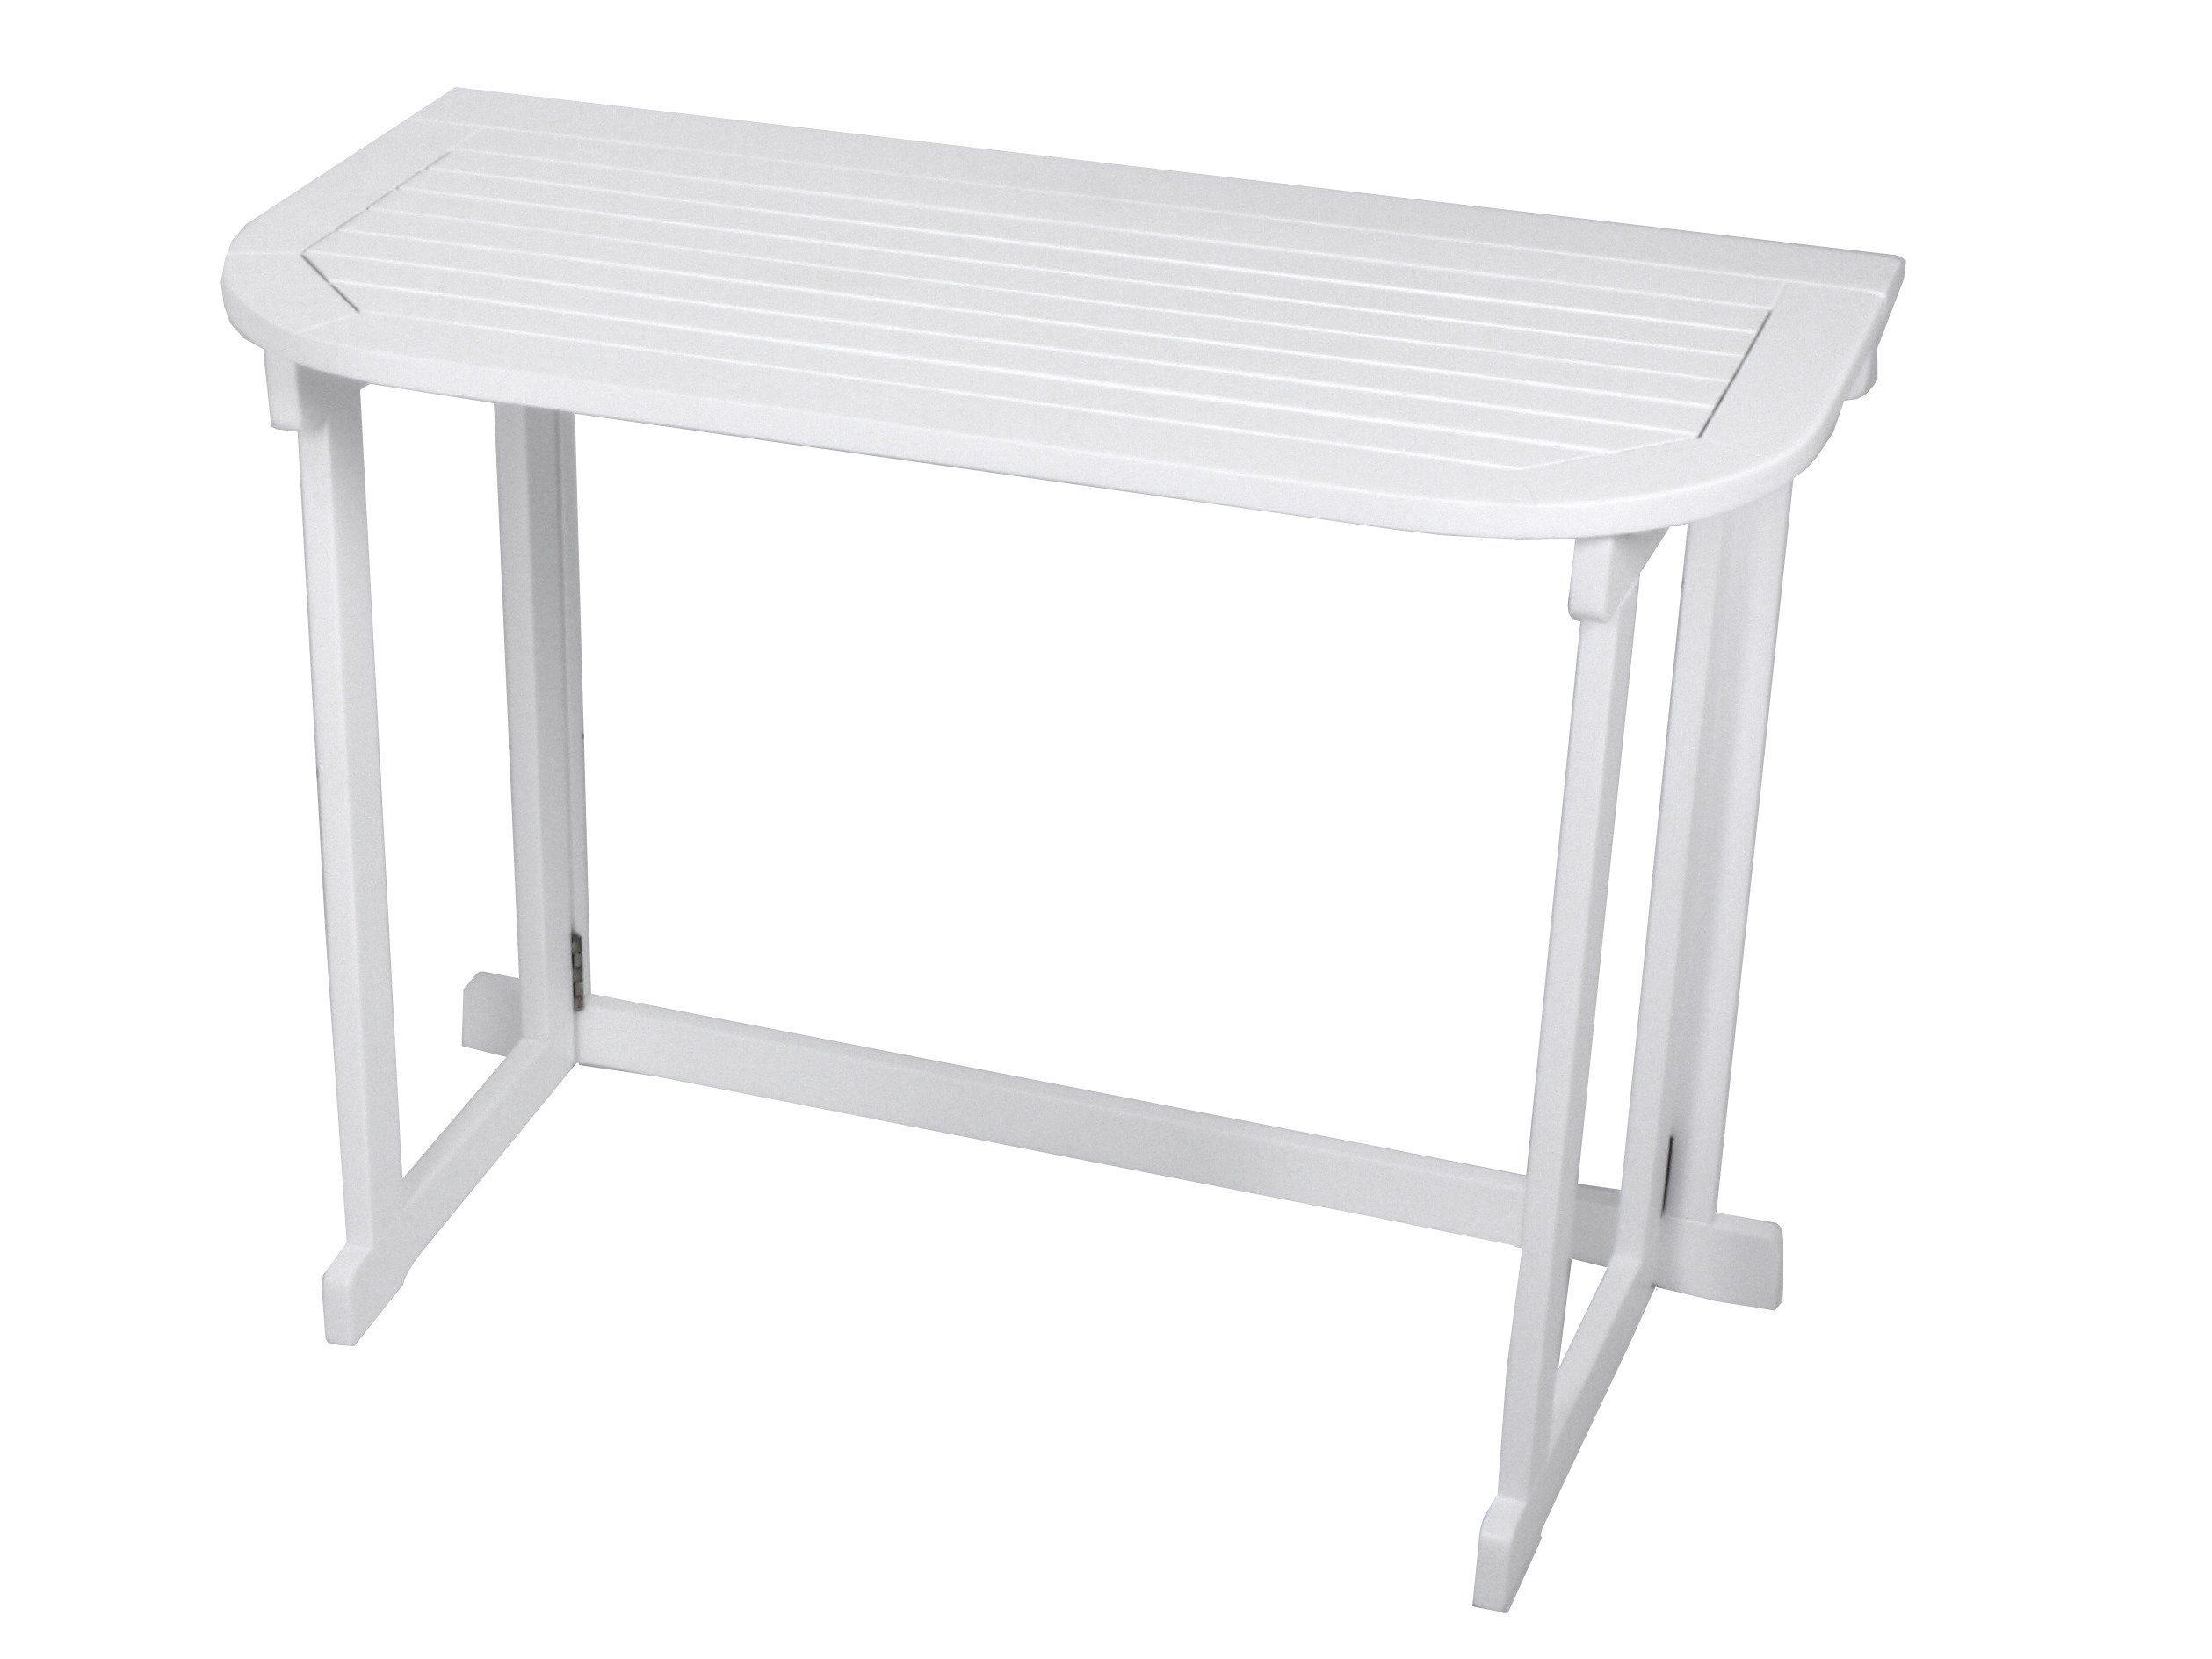 Gartentisch »Manila«, Eukalyptusholz, klappbar, 100x50 cm, weiß